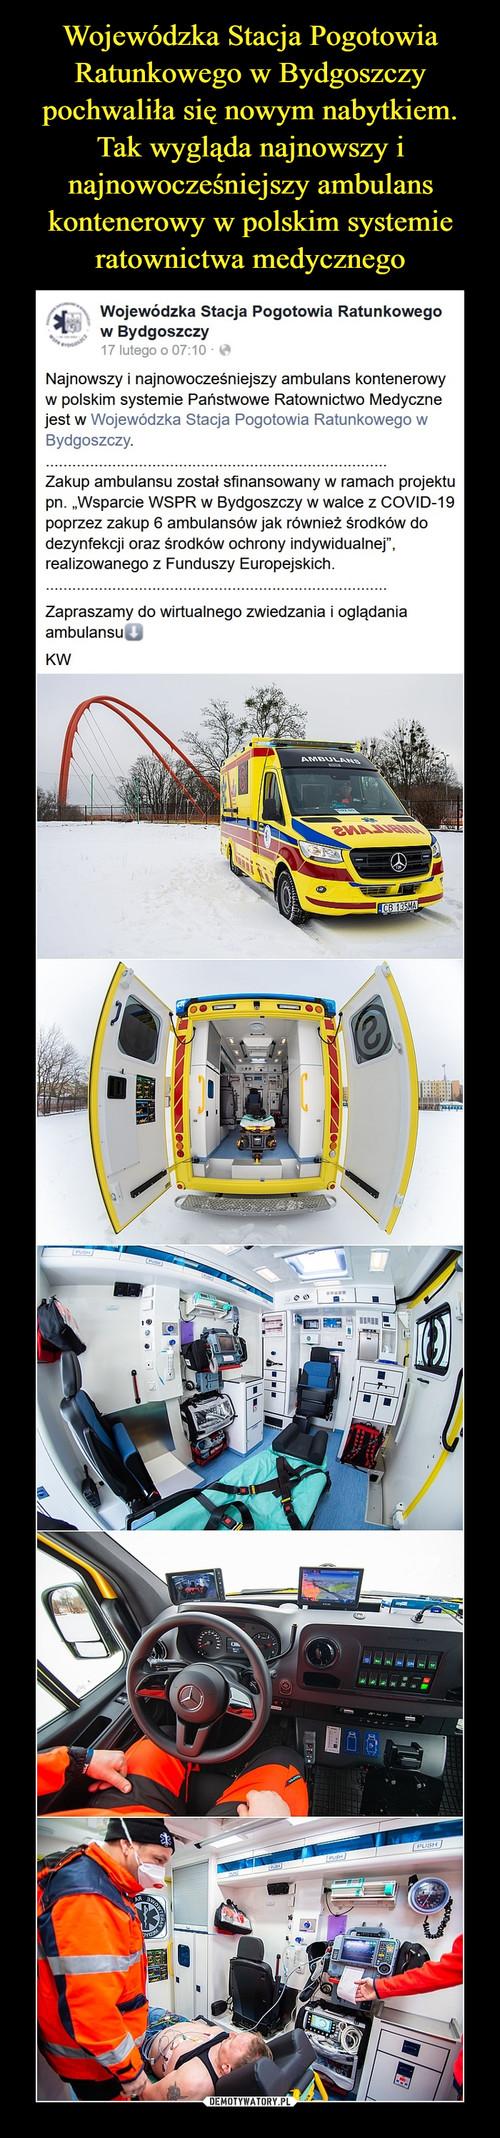 Wojewódzka Stacja Pogotowia Ratunkowego w Bydgoszczy pochwaliła się nowym nabytkiem. Tak wygląda najnowszy i najnowocześniejszy ambulans kontenerowy w polskim systemie ratownictwa medycznego